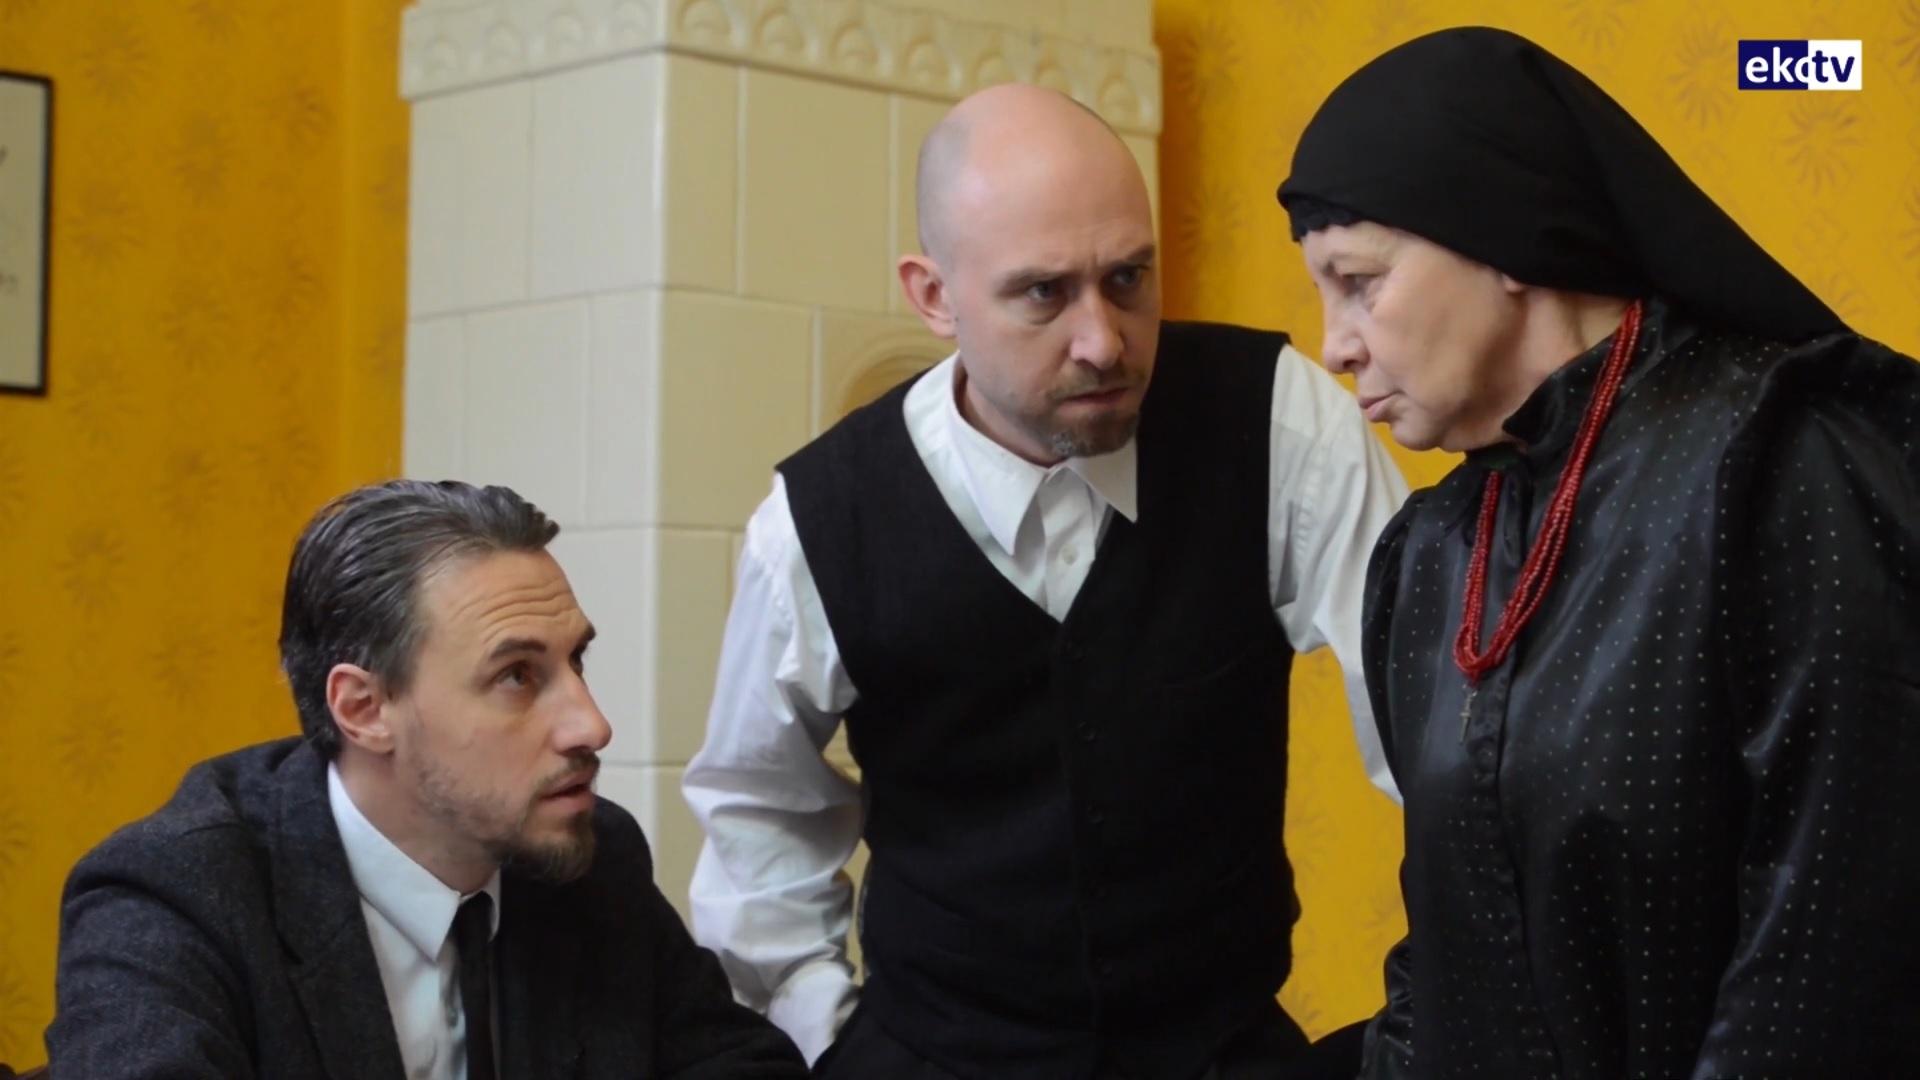 trzech aktorów, dwóch mężczyzn i kobieta podczas rozmowy, ubrani w międzywojenne stroje